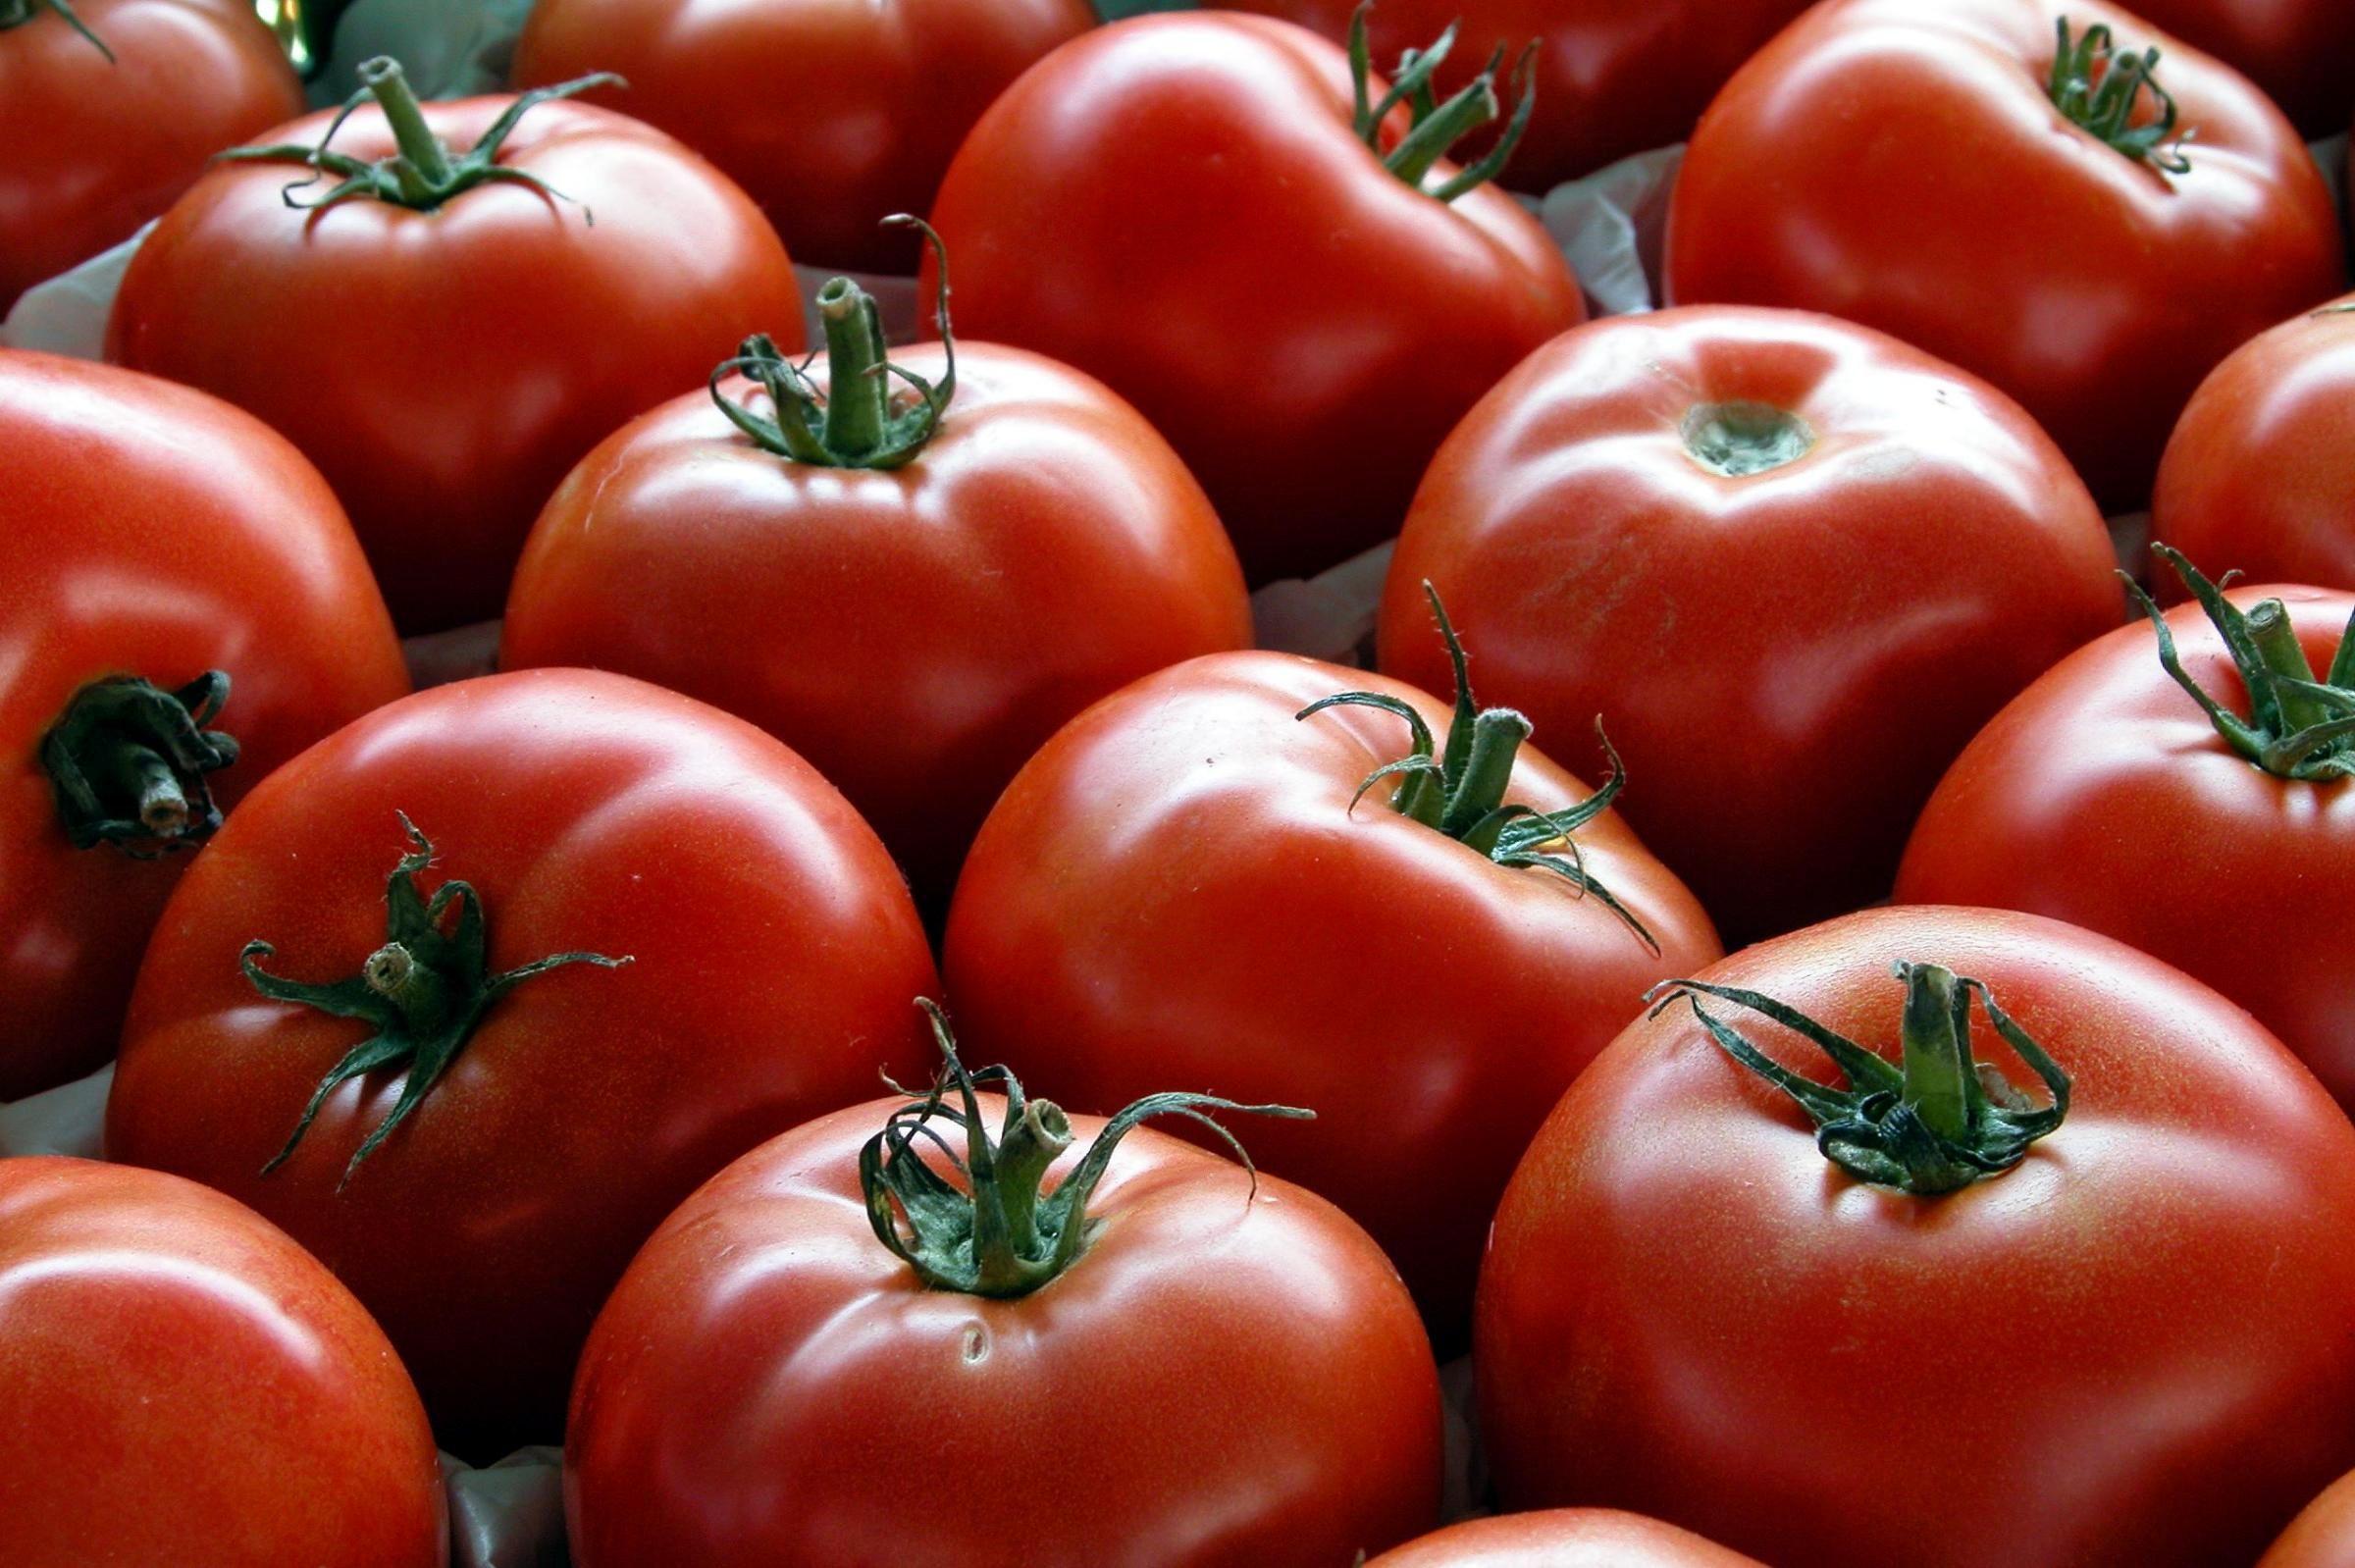 گوجه فرنگی سکان دار گرانی/ نرخ هر کیلو گوجه فرنگی به ۴ هزار تومان رسید